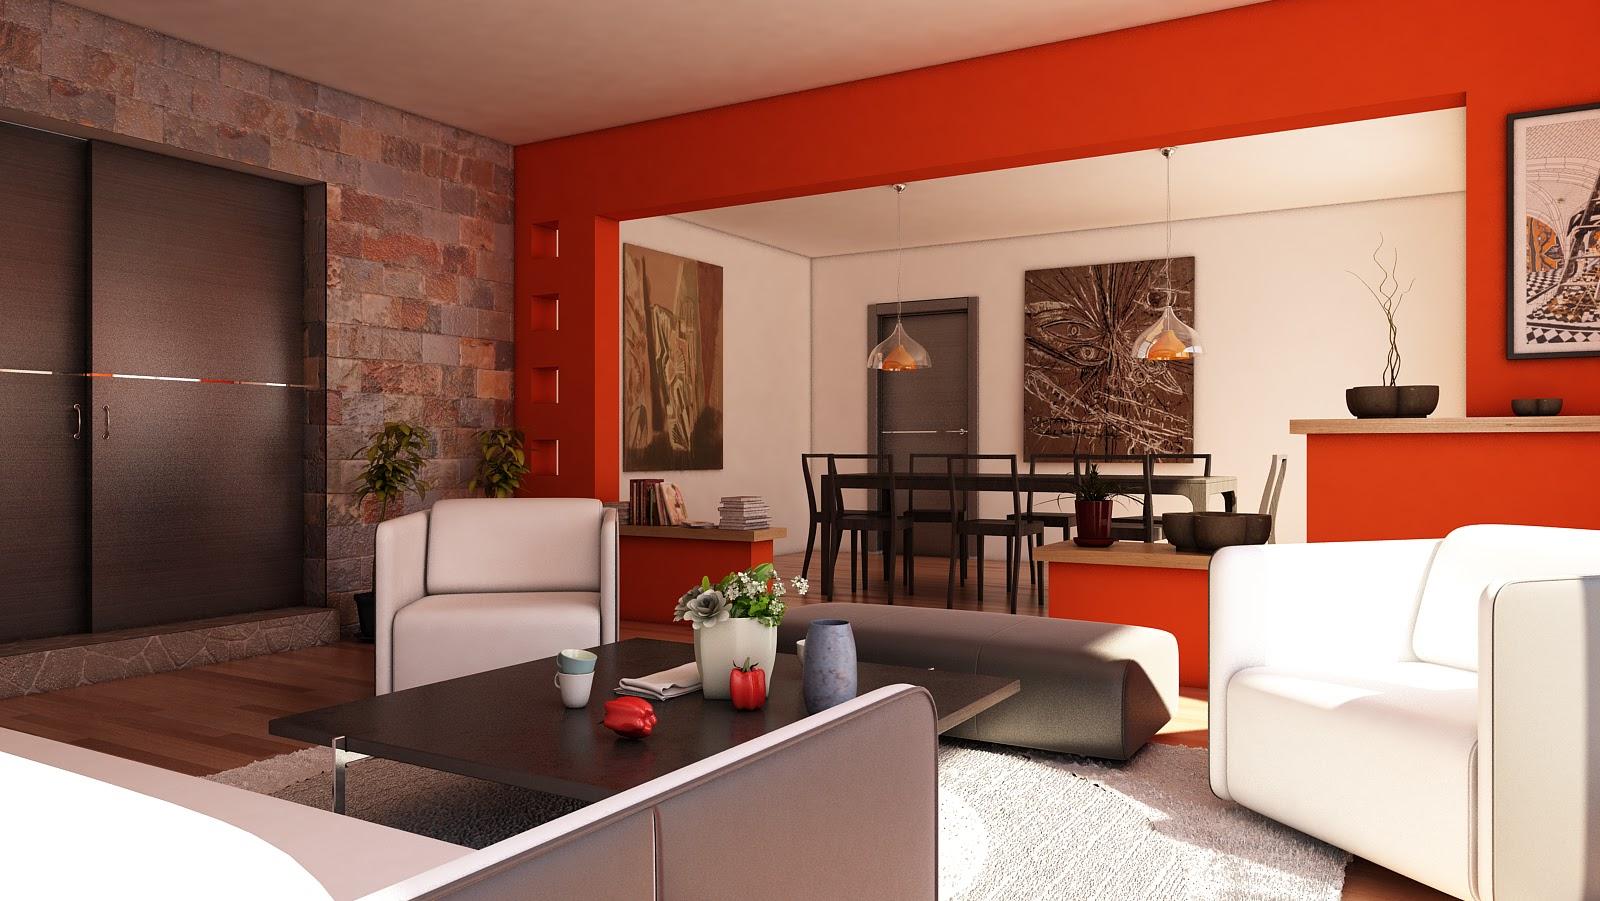 Sala de estar y comedor decoracion for Decoracion de interiores comedor